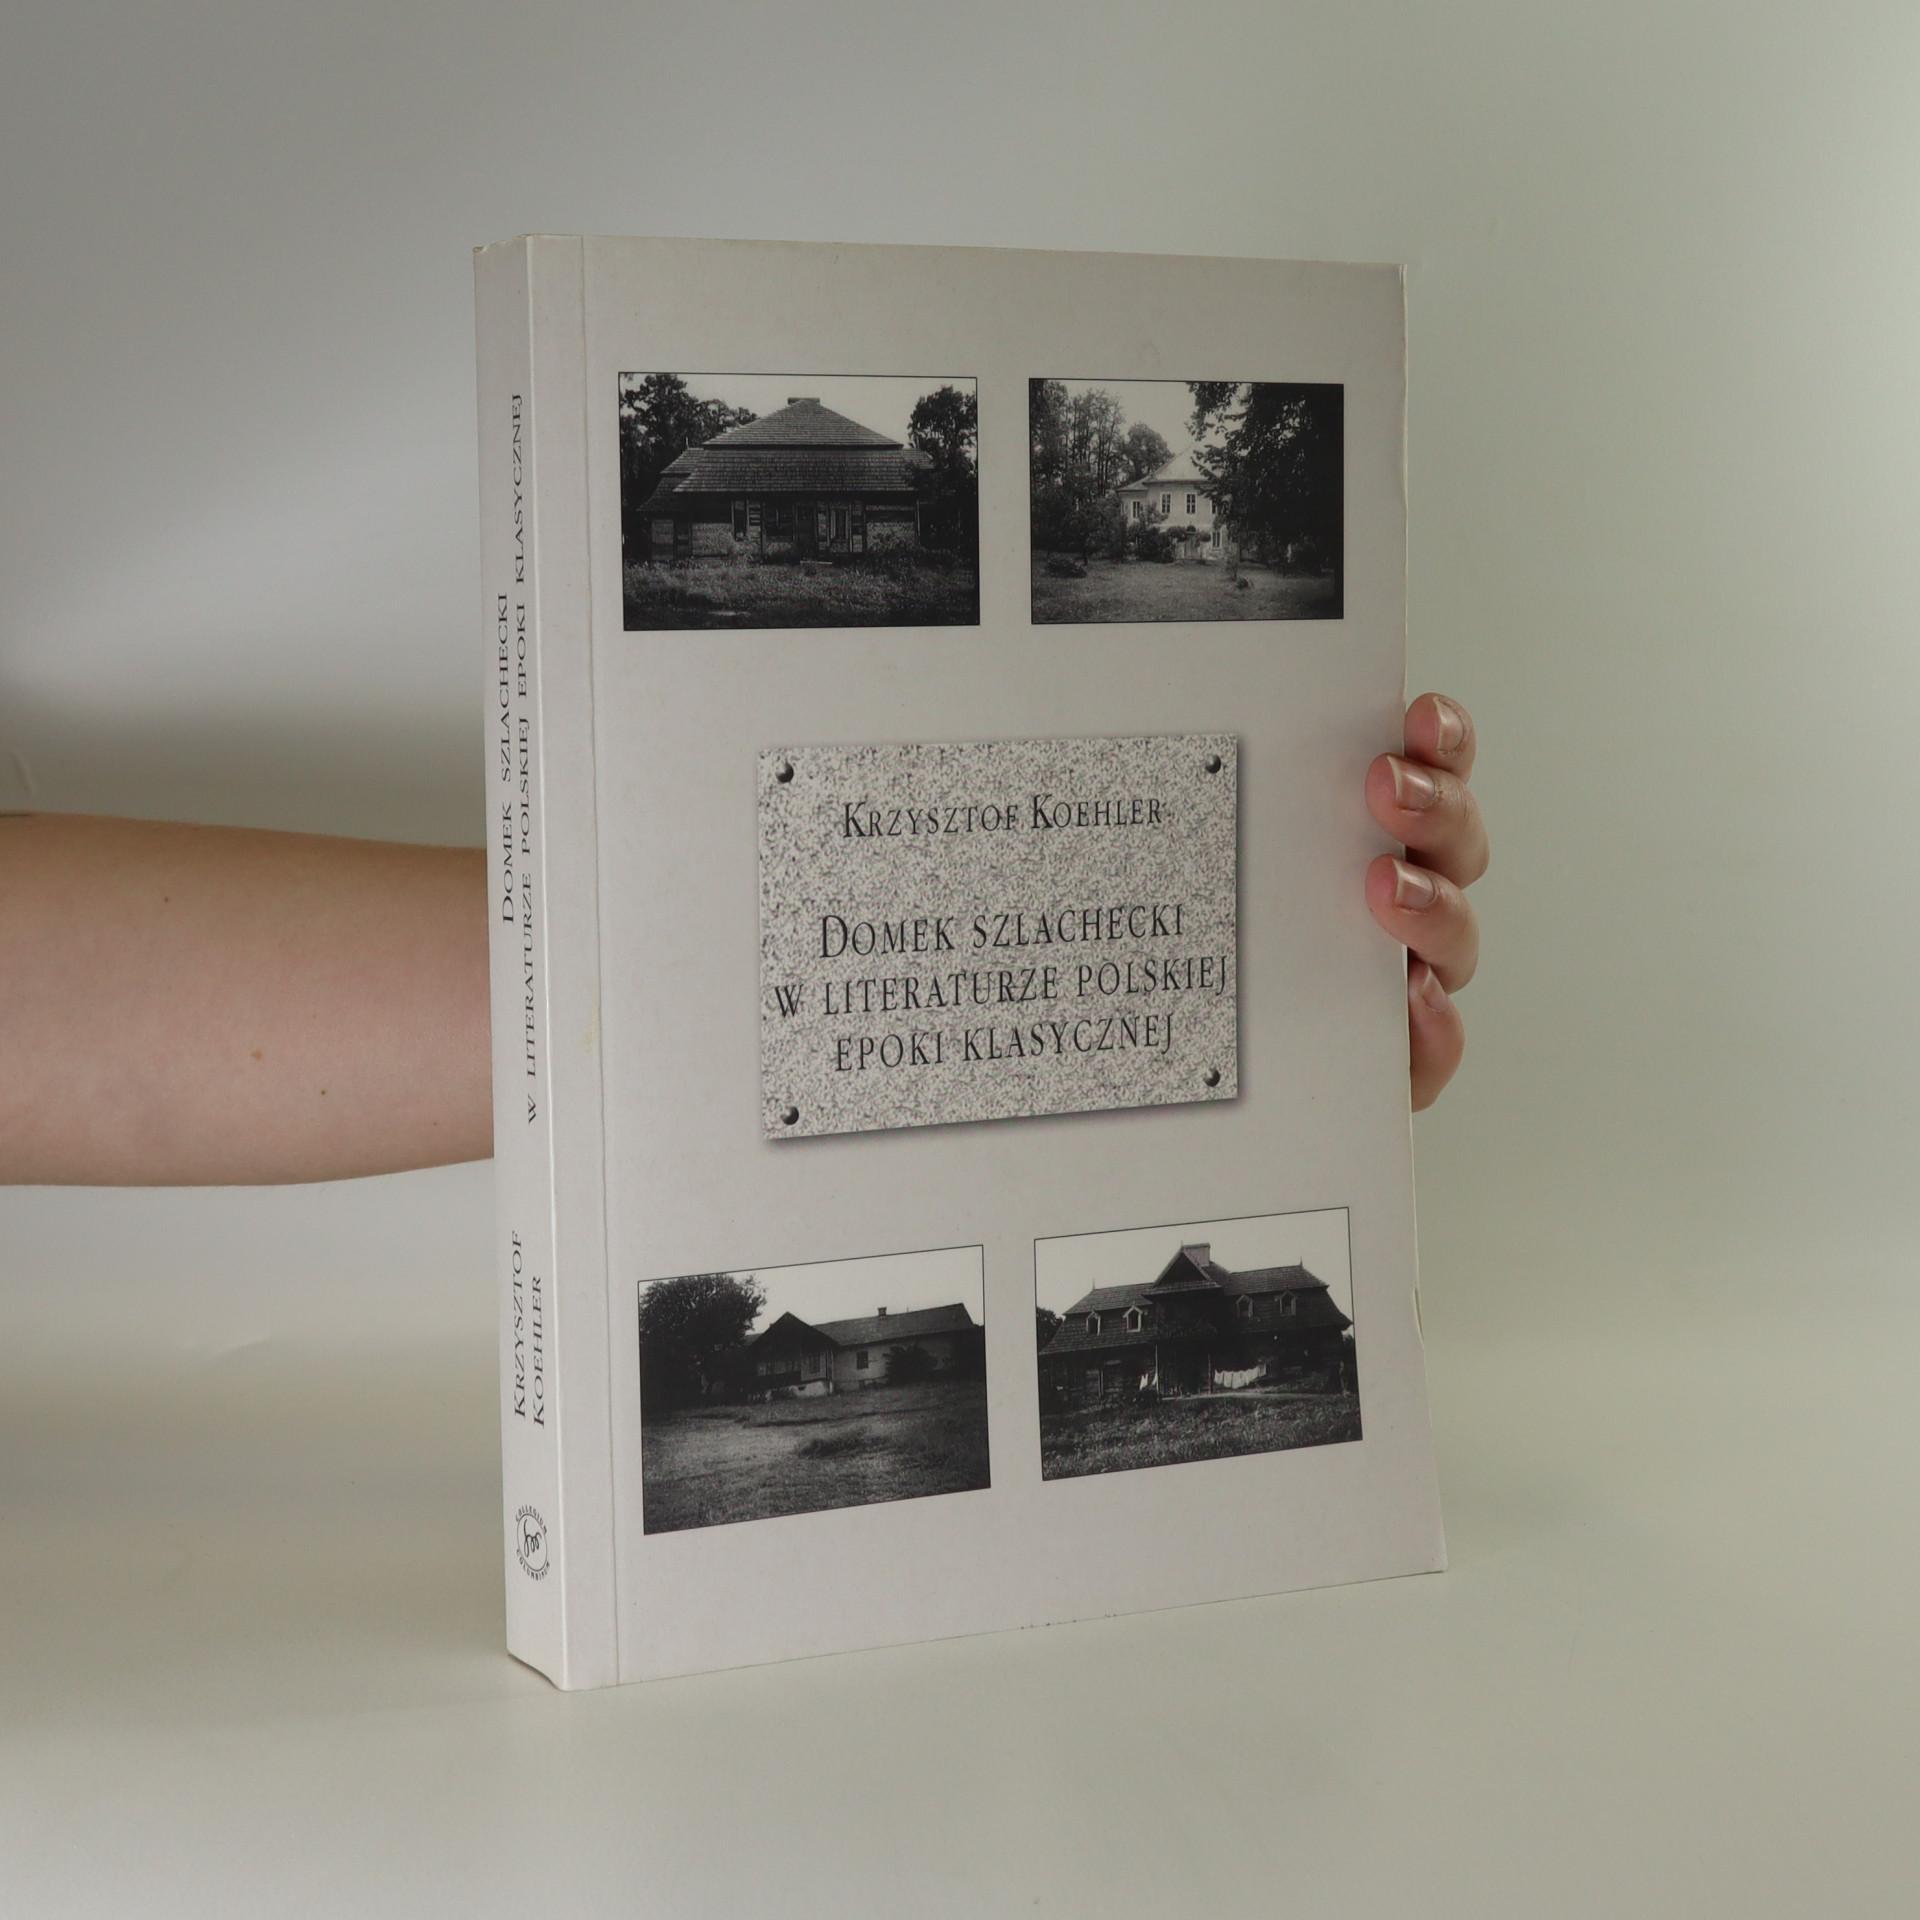 antikvární kniha Domek szlachecki w literaturze polskiej epoki klasycznej, 2005